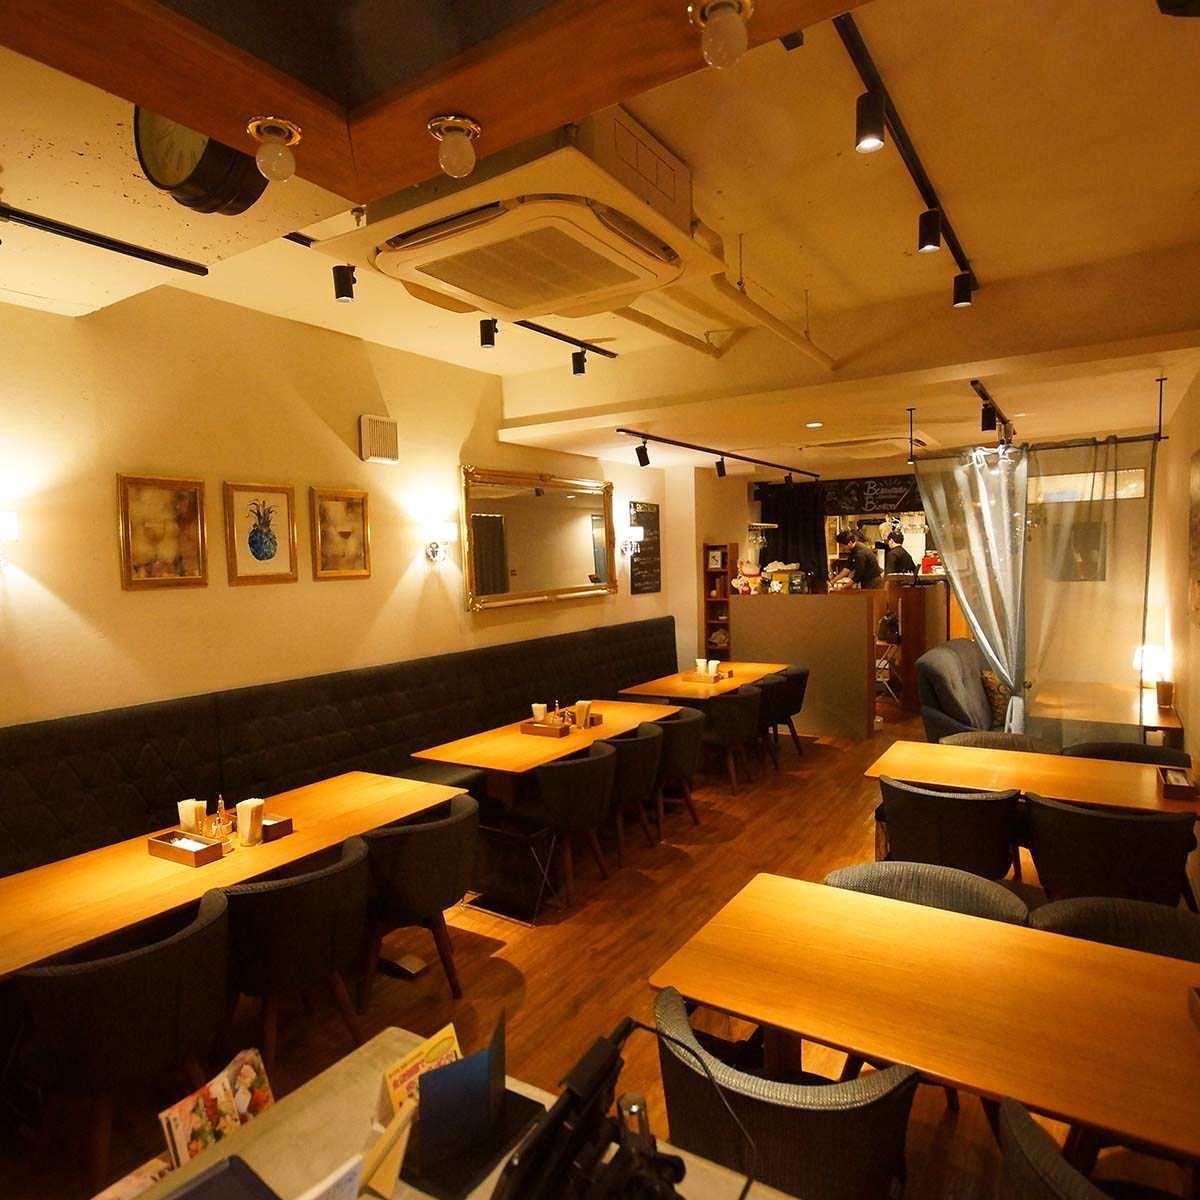 【席のみのご予約】金・土・日・祝のご予約はこちら!当日17:00まで予約可能